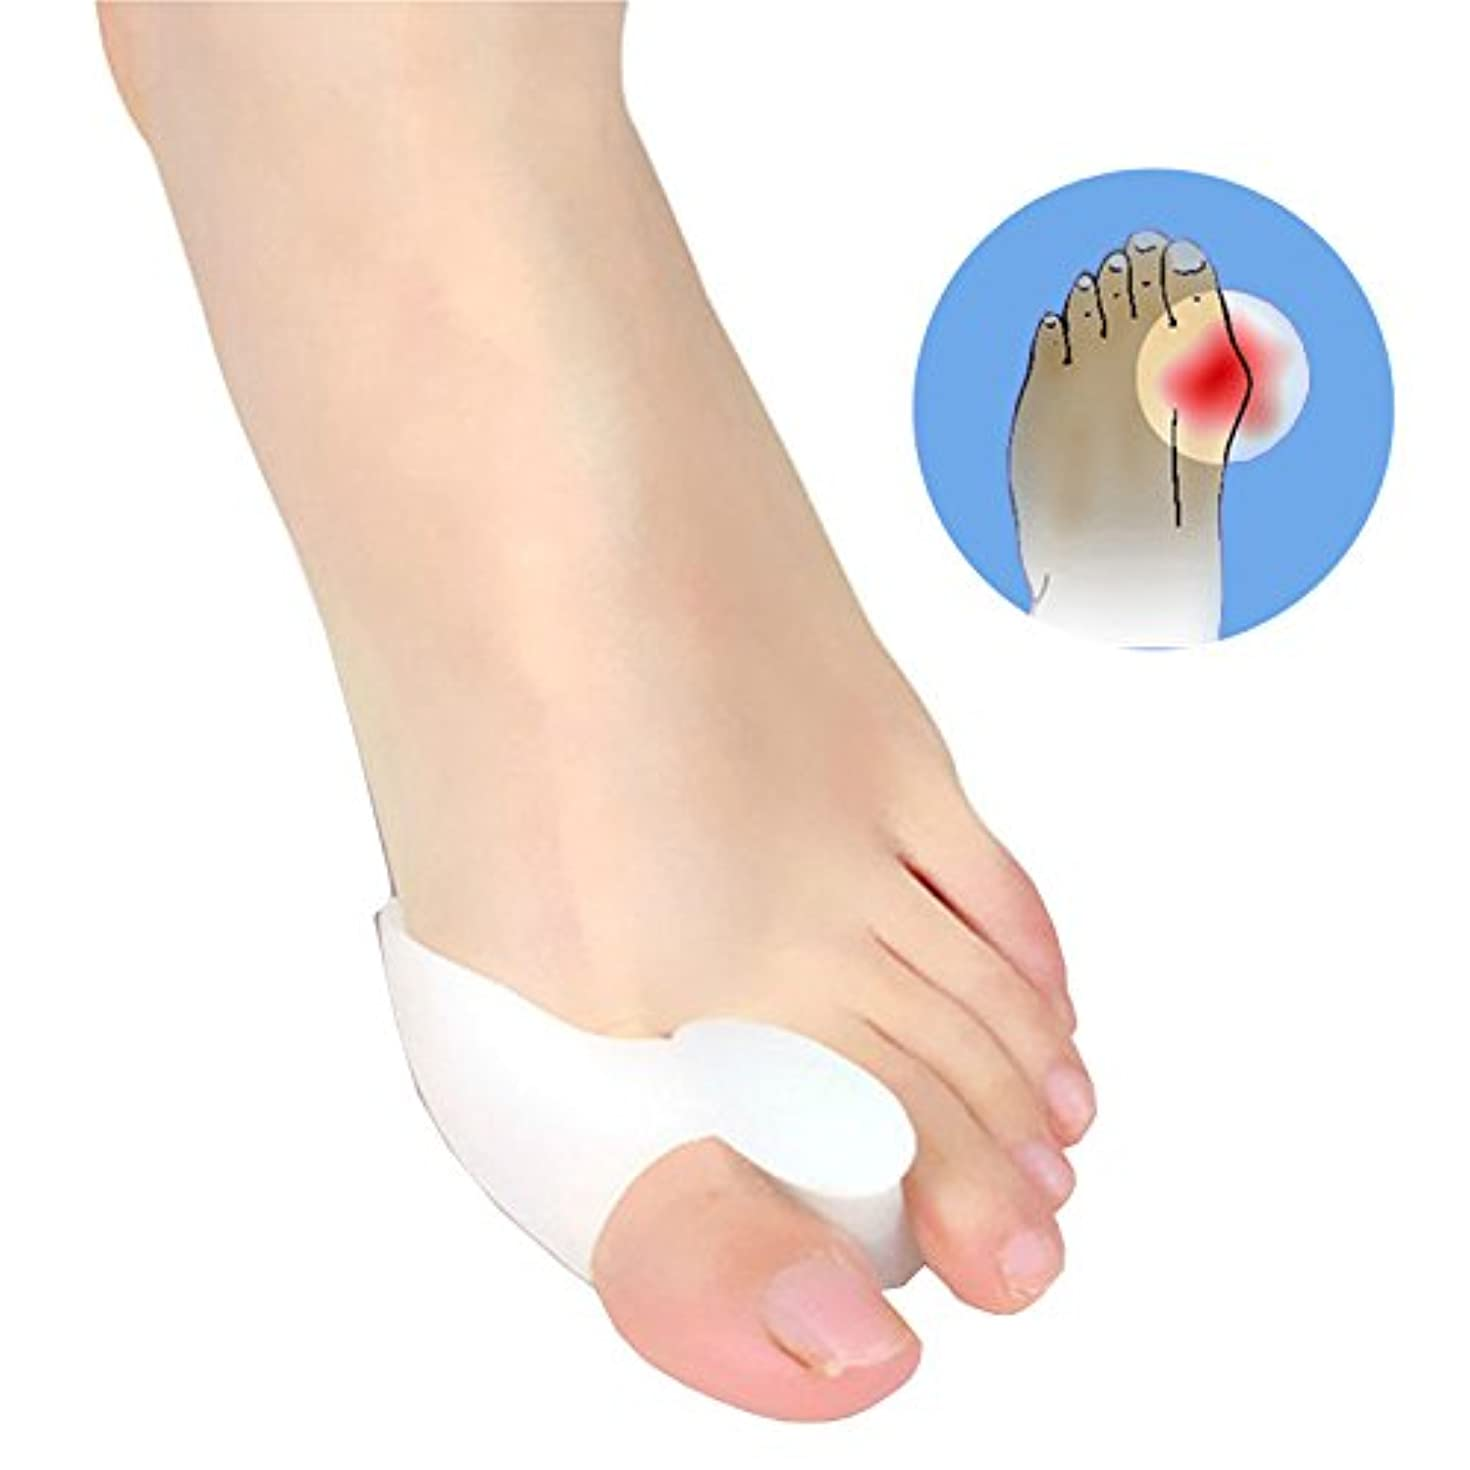 競合他社選手従う衣装Jicorzo - 1ペアジェル外反母趾の足セパレータ容易に足の痛み足外反母趾ガードクッション足スプレッダーフットケアツール滑らかなシリコーン